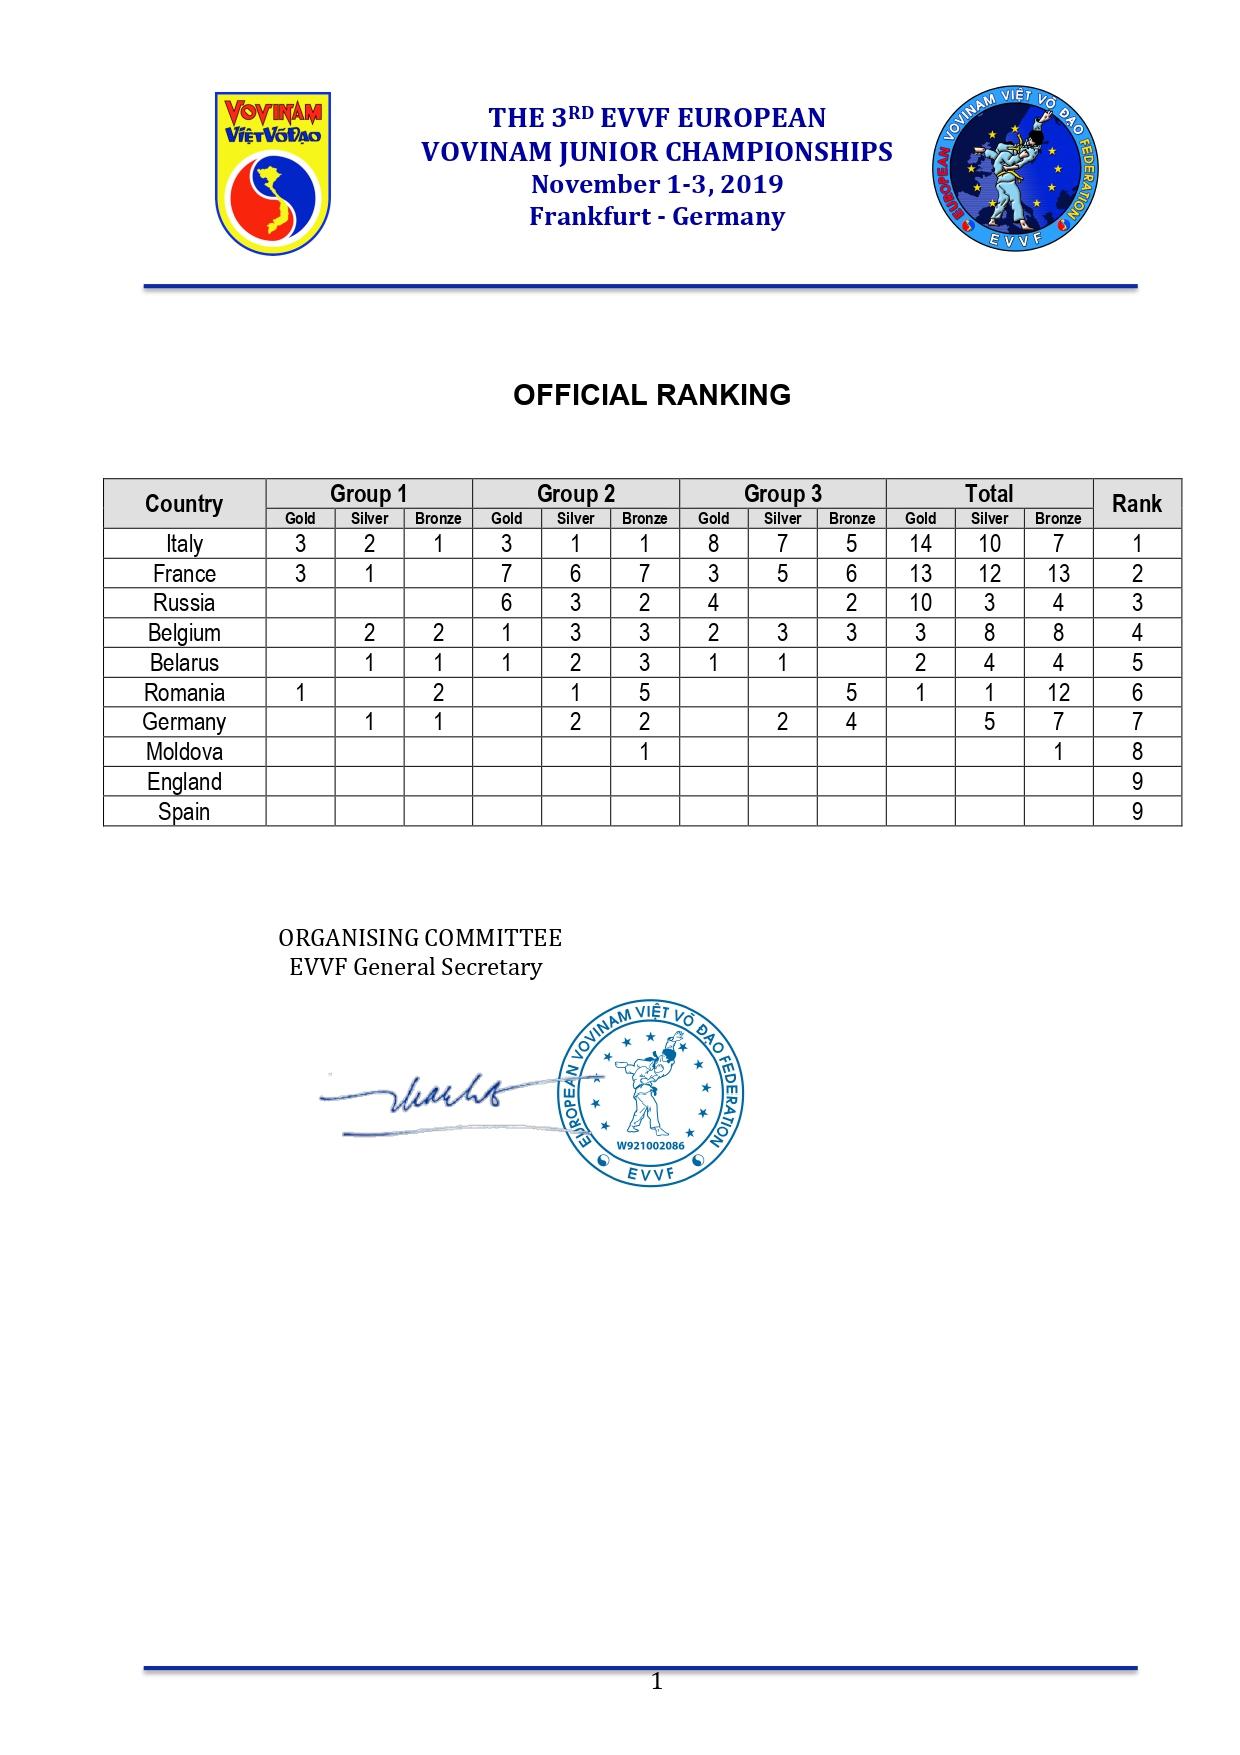 3rd EVVF European Vovinam Junior Championships 2019 - Result